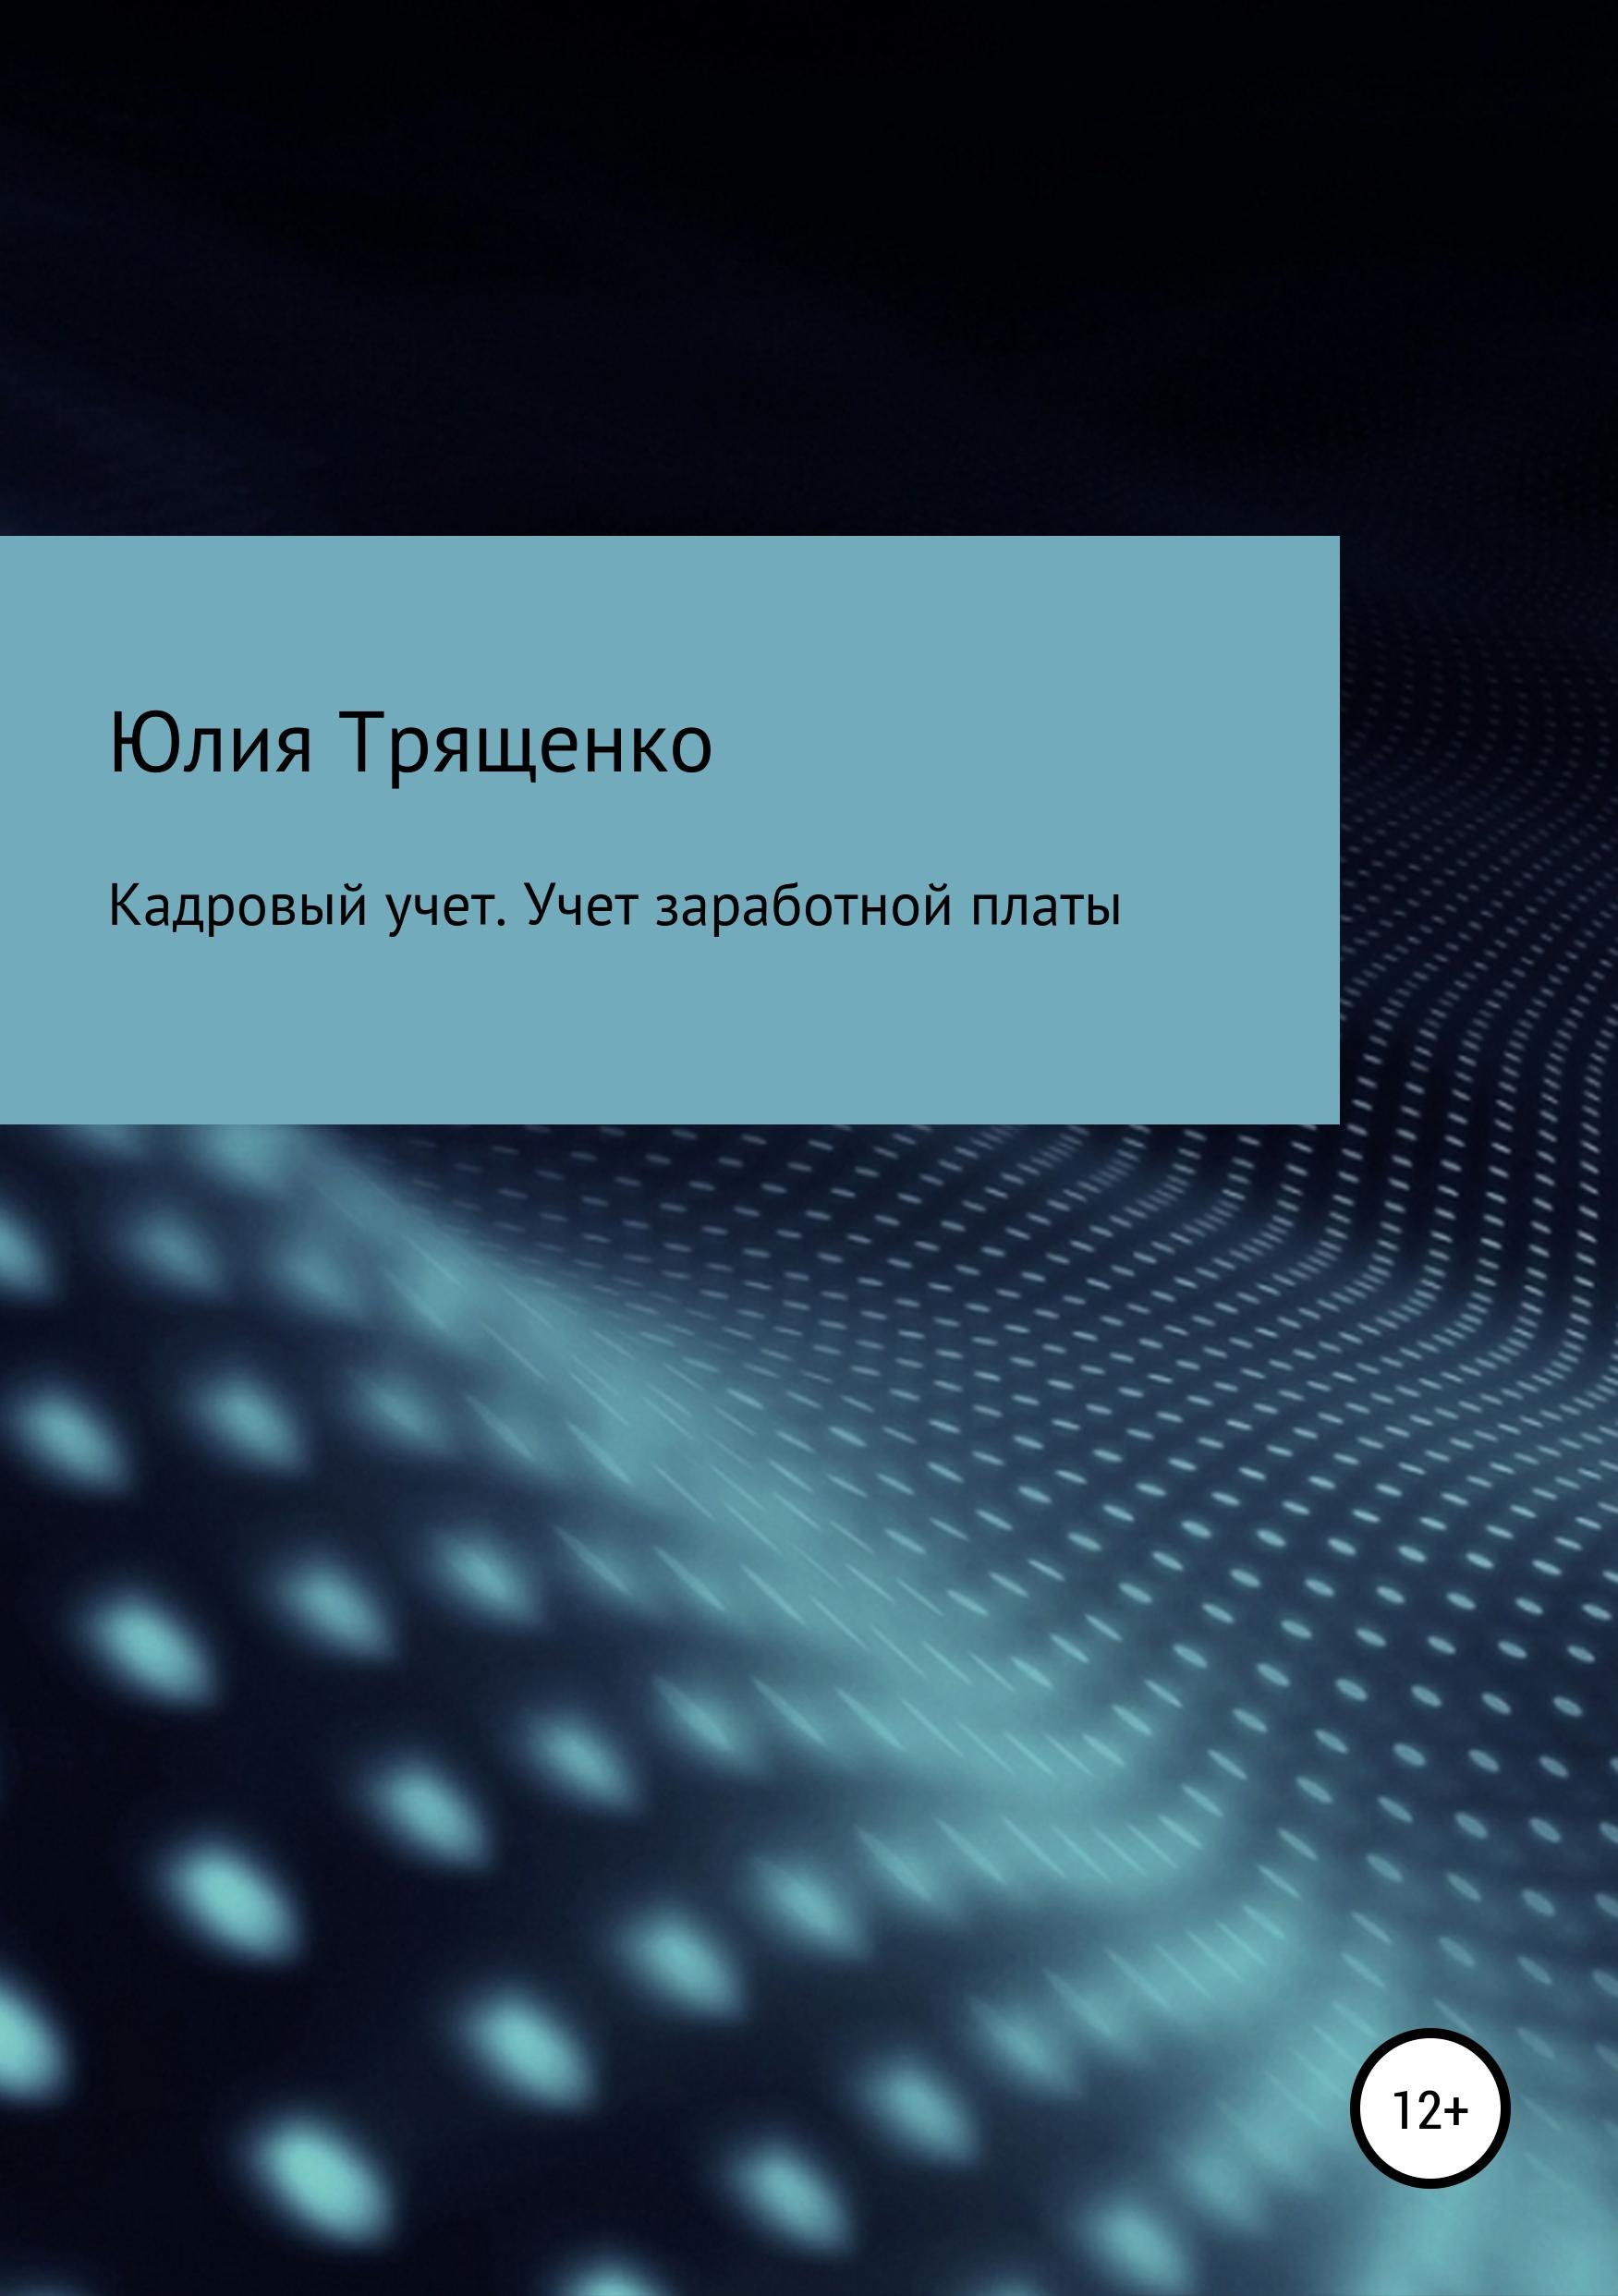 Юлия Трященко Кадровый учет. Учет заработной платы всё о заработной плате и кадрах